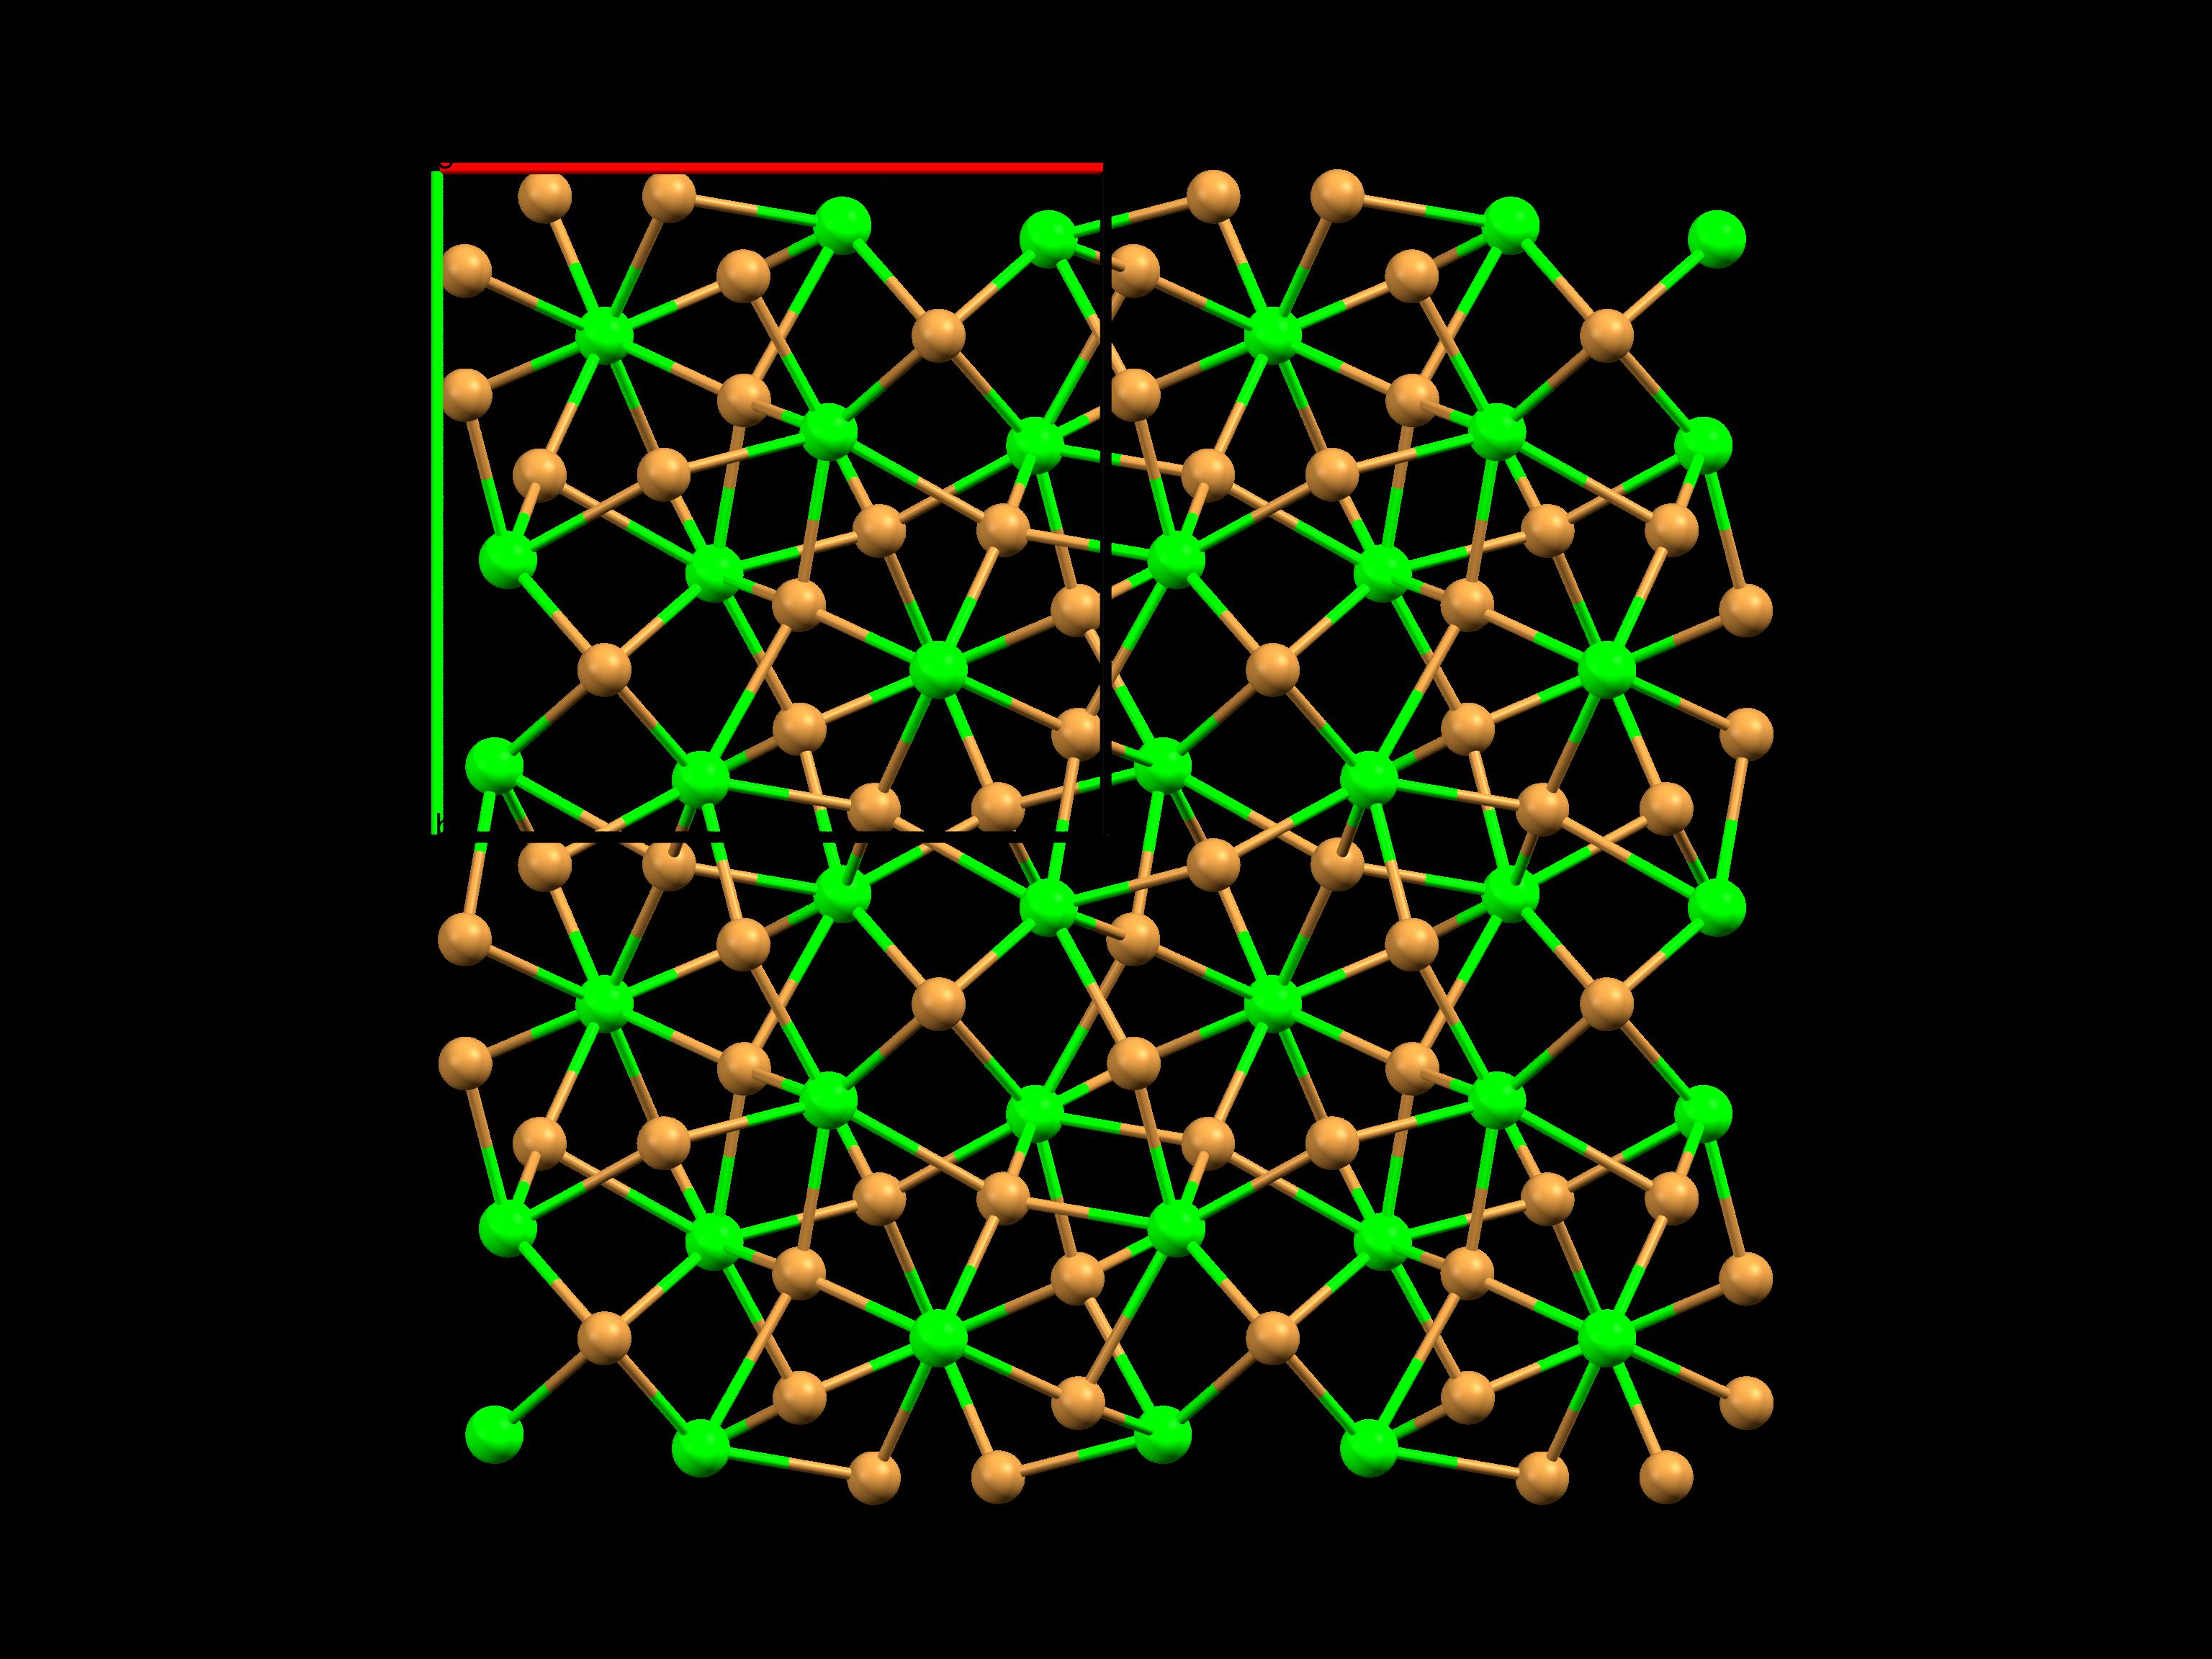 Strontium bromide - Wikipedia